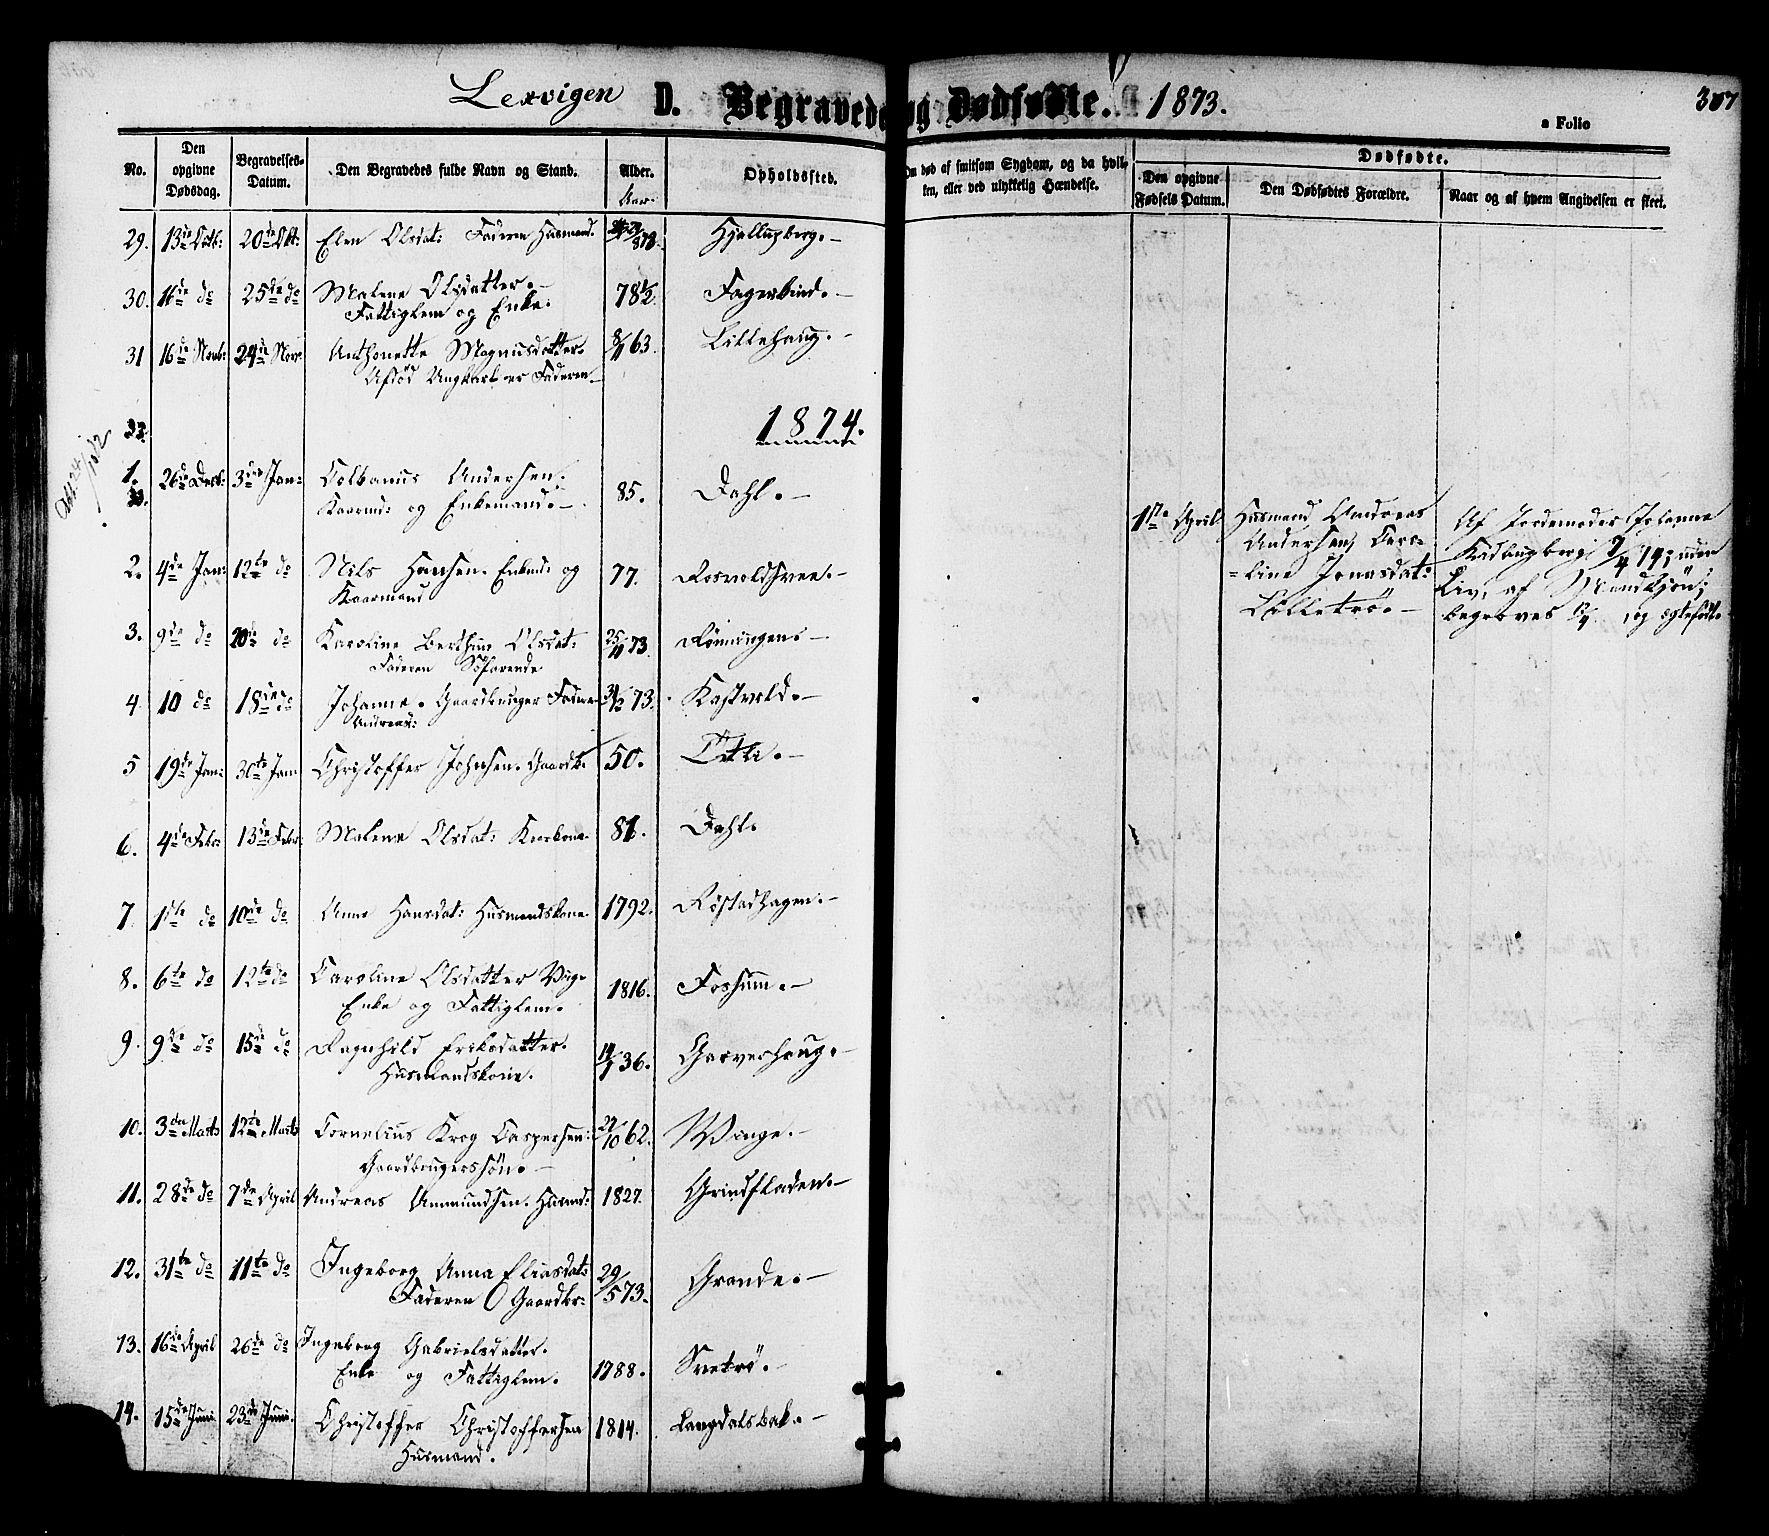 SAT, Ministerialprotokoller, klokkerbøker og fødselsregistre - Nord-Trøndelag, 701/L0009: Ministerialbok nr. 701A09 /1, 1864-1882, s. 307